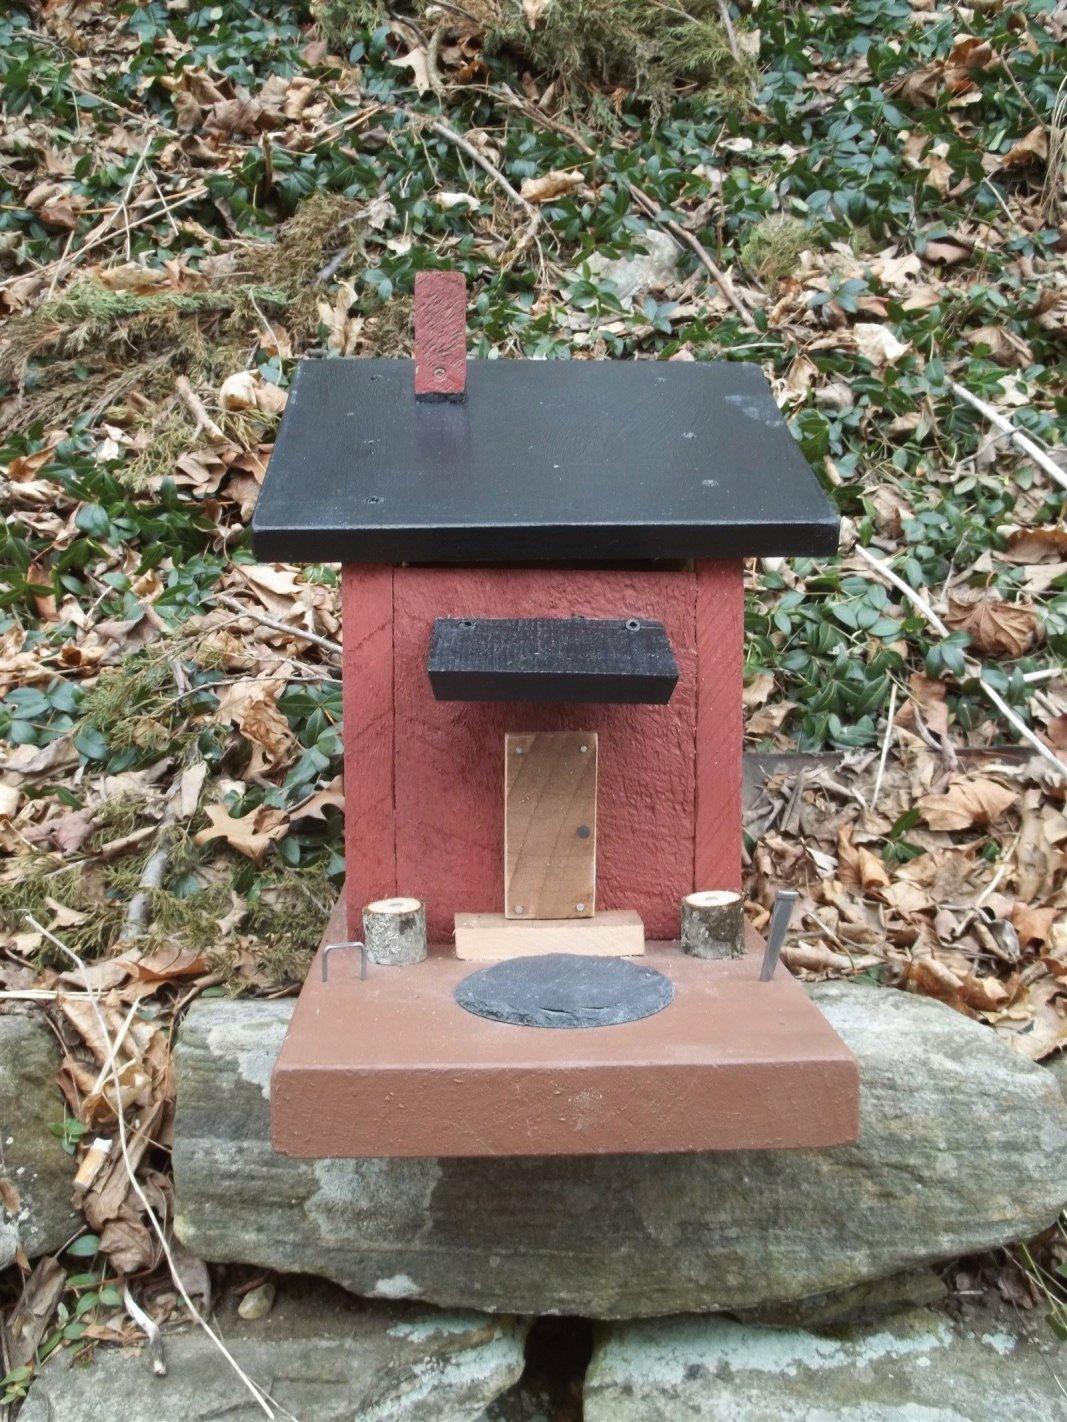 Custom Made Bird houses by Scott Harrington.   Scott Harrington Home, Tree and Yard Care Service